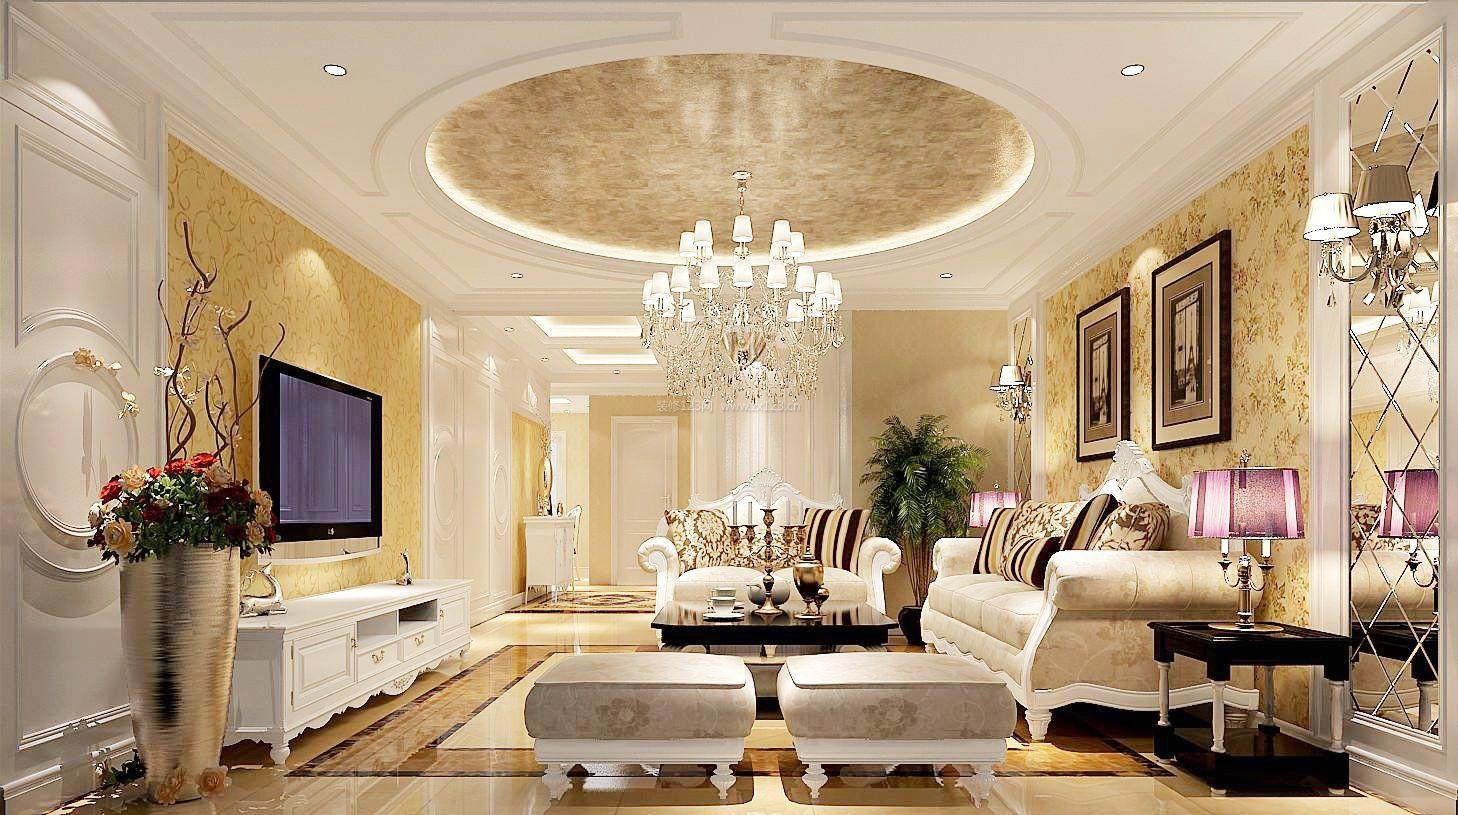 欧式客厅圆形吊顶造型效果图大全